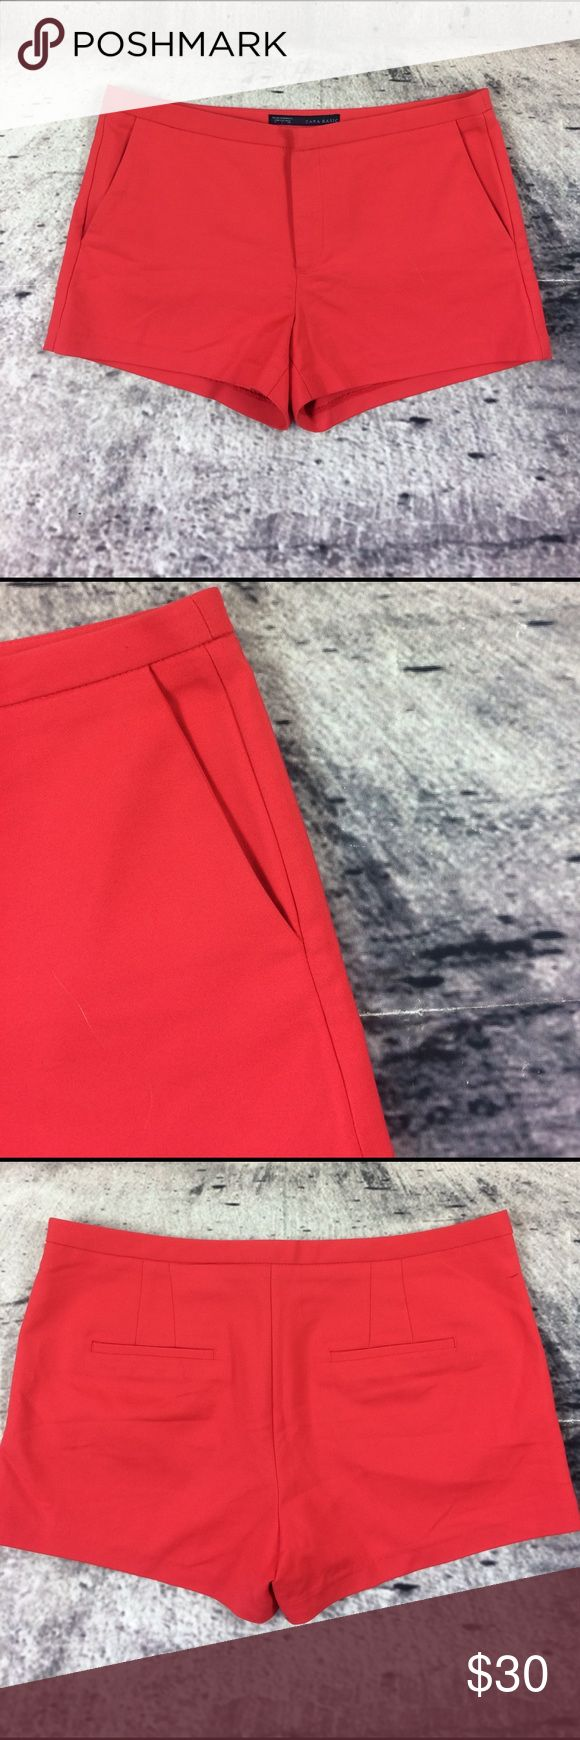 """Zara shorts Zara shorts cotton polyester and spandex blend inseam 3""""rise 9.5"""" Zara Shorts"""